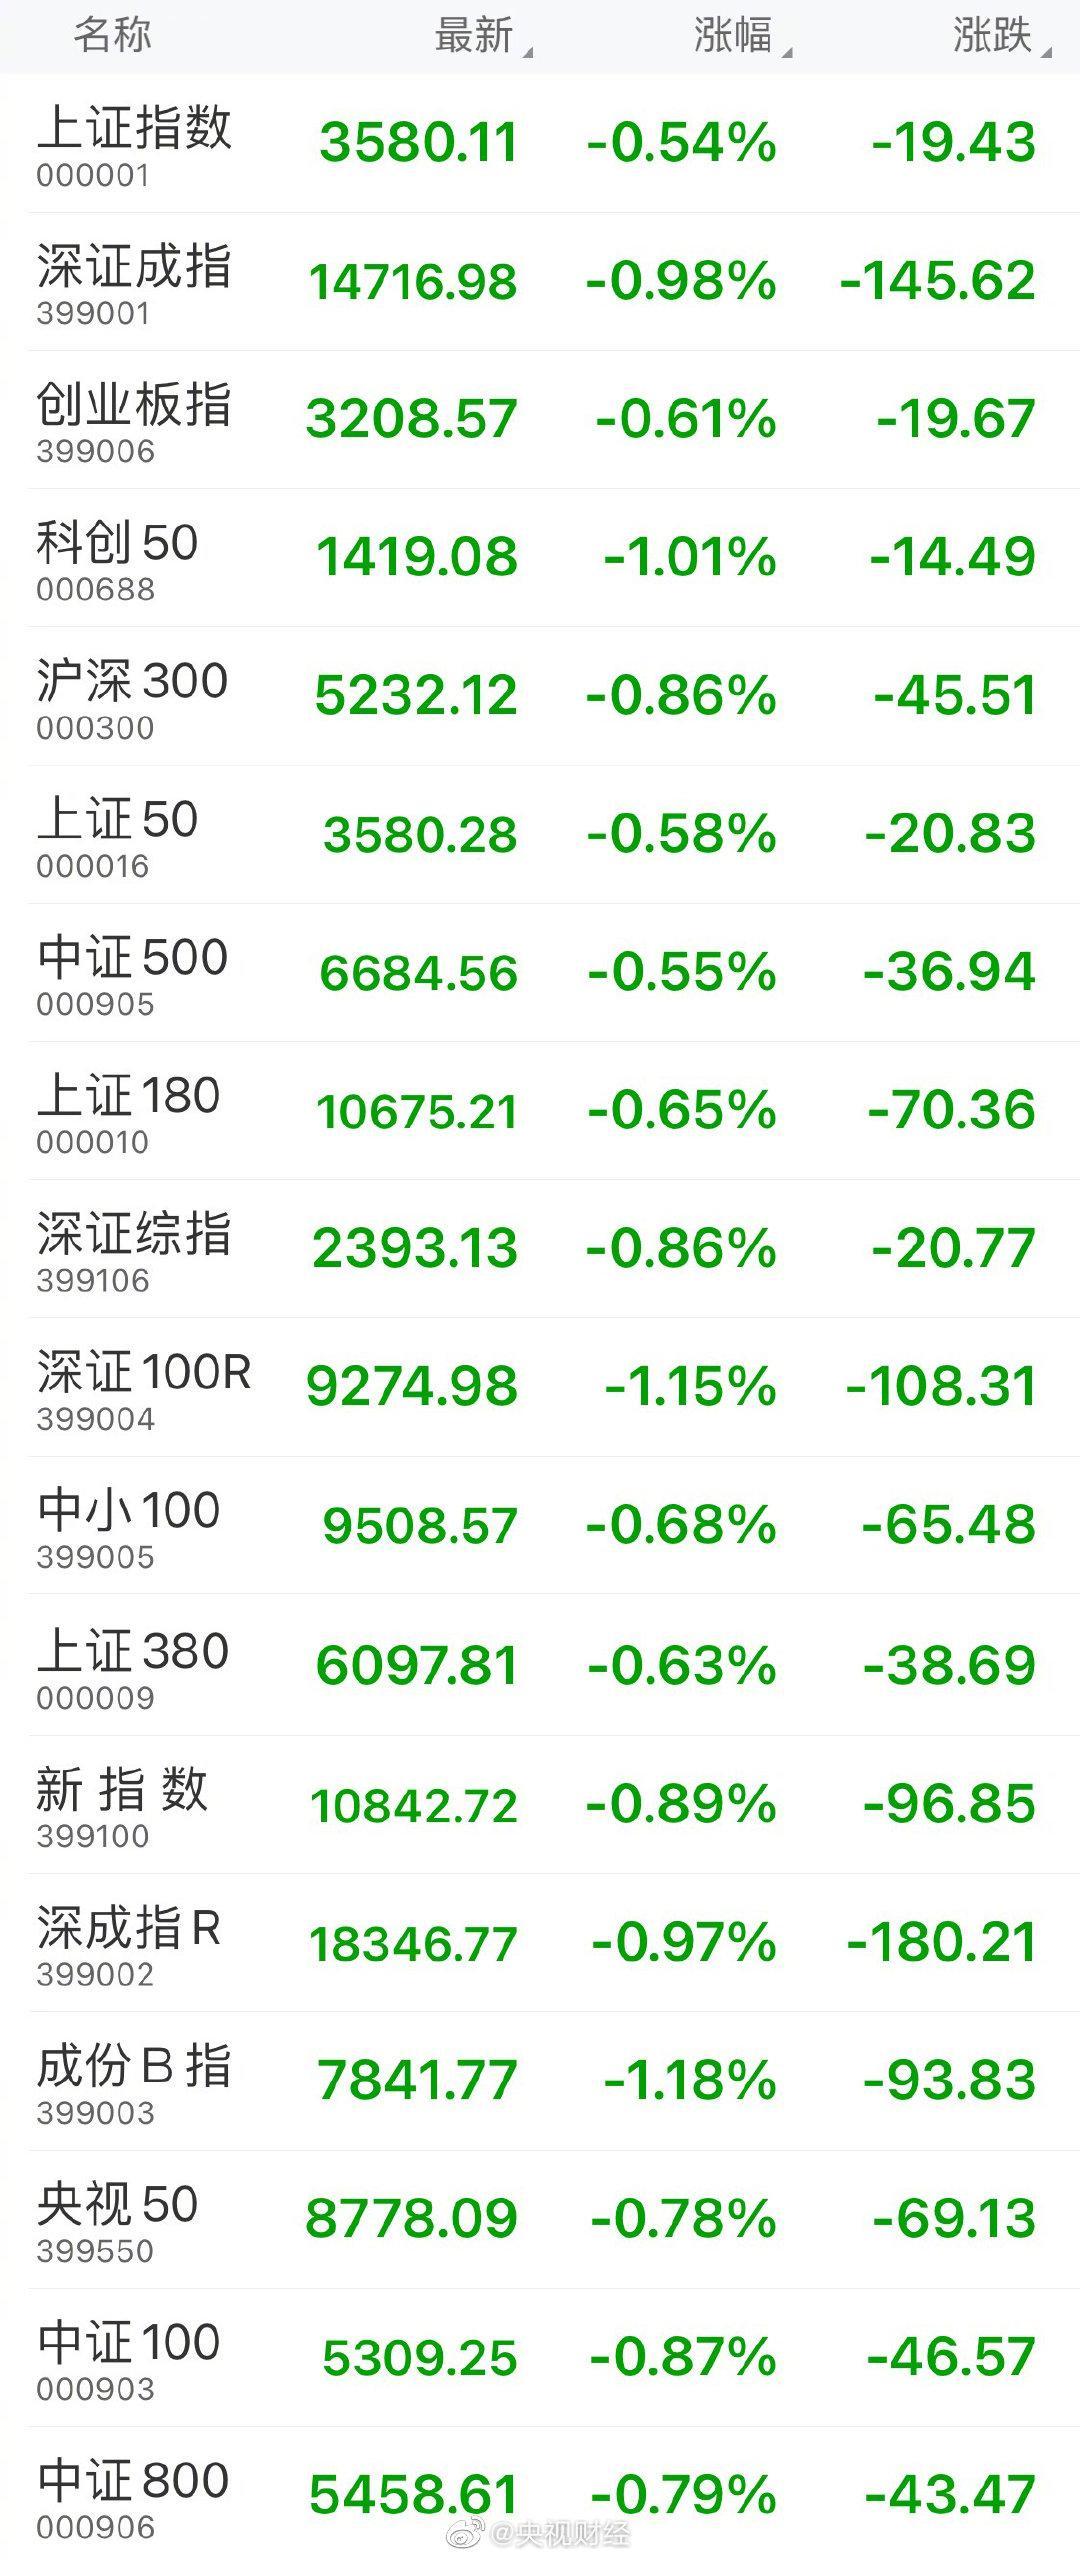 收盘:上证指数收跌0.54%,创业板指跌0.61%……